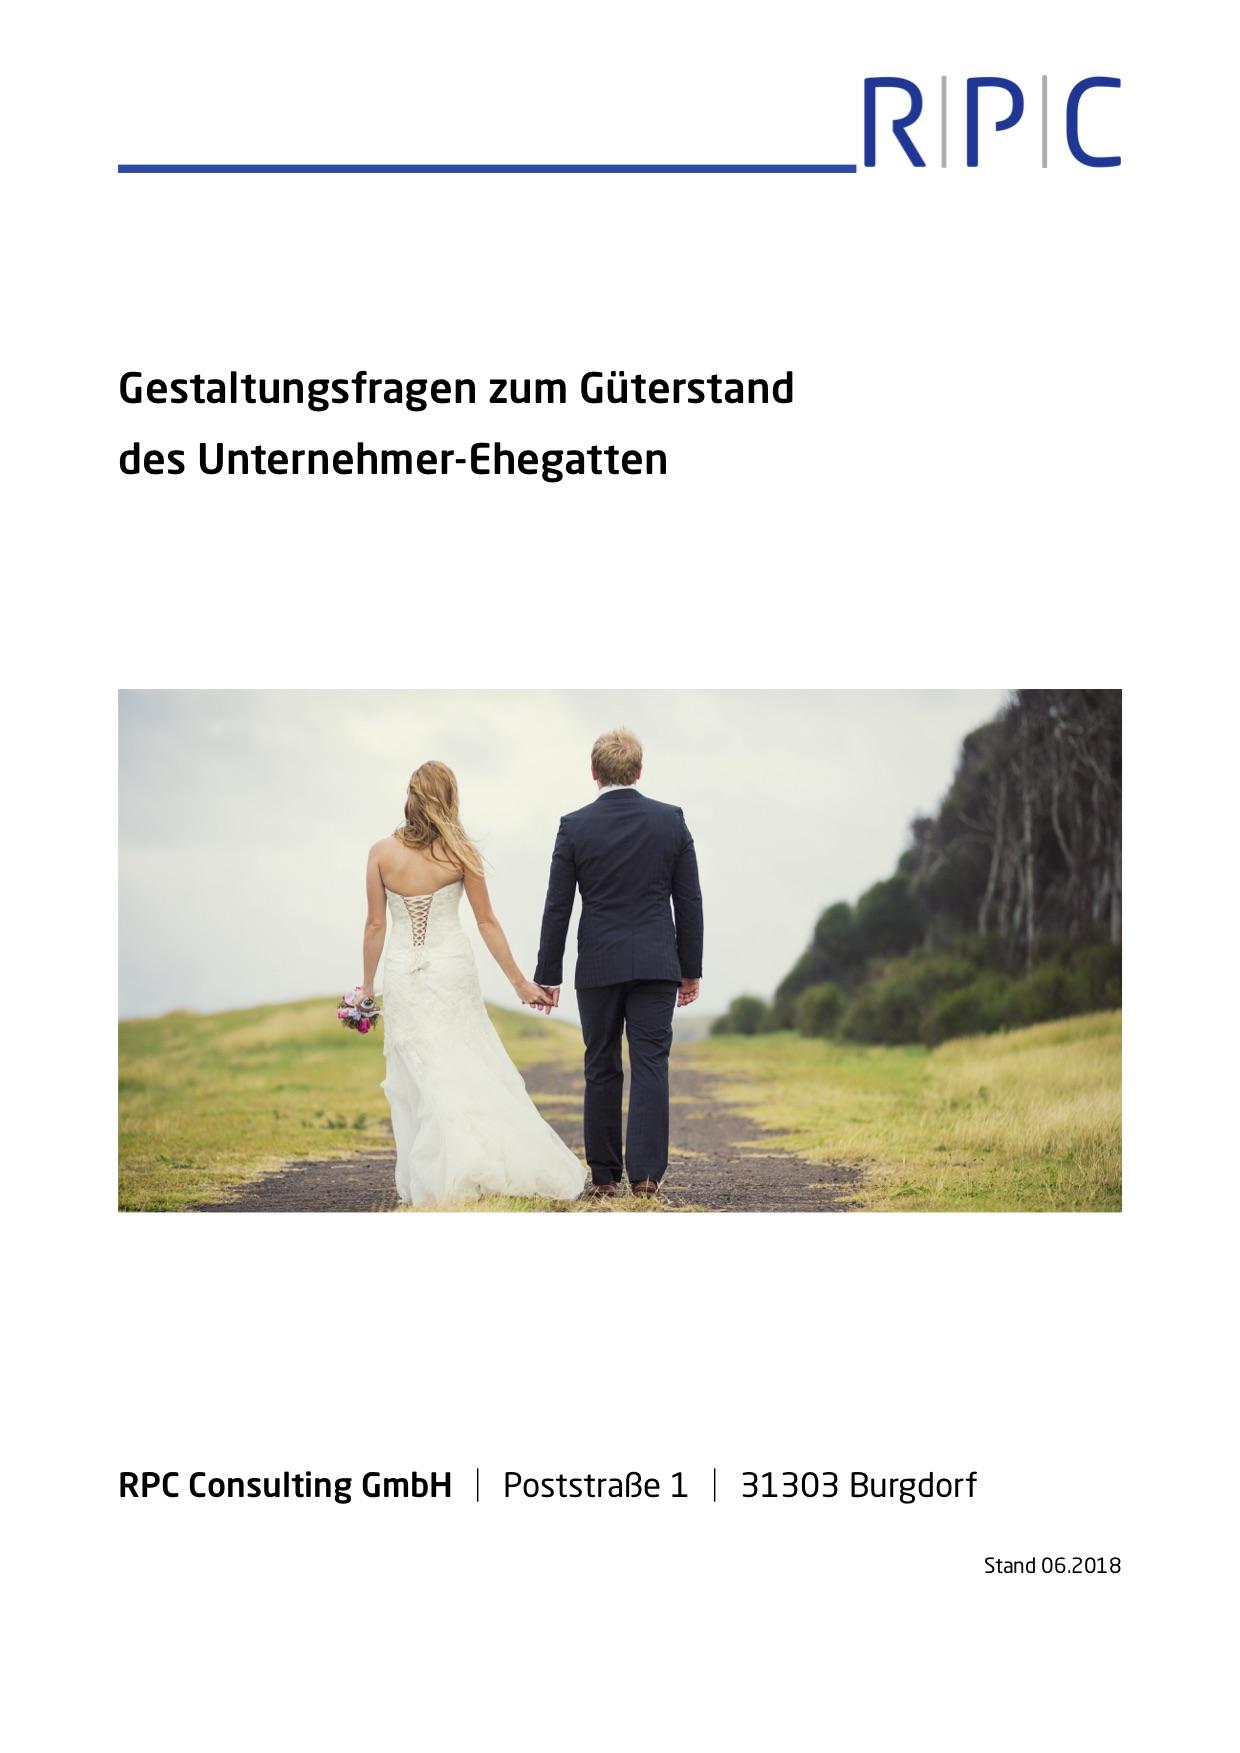 Güterstand des Unternehmer-Ehegatten - Gestaltungsfragen des Güterstandes